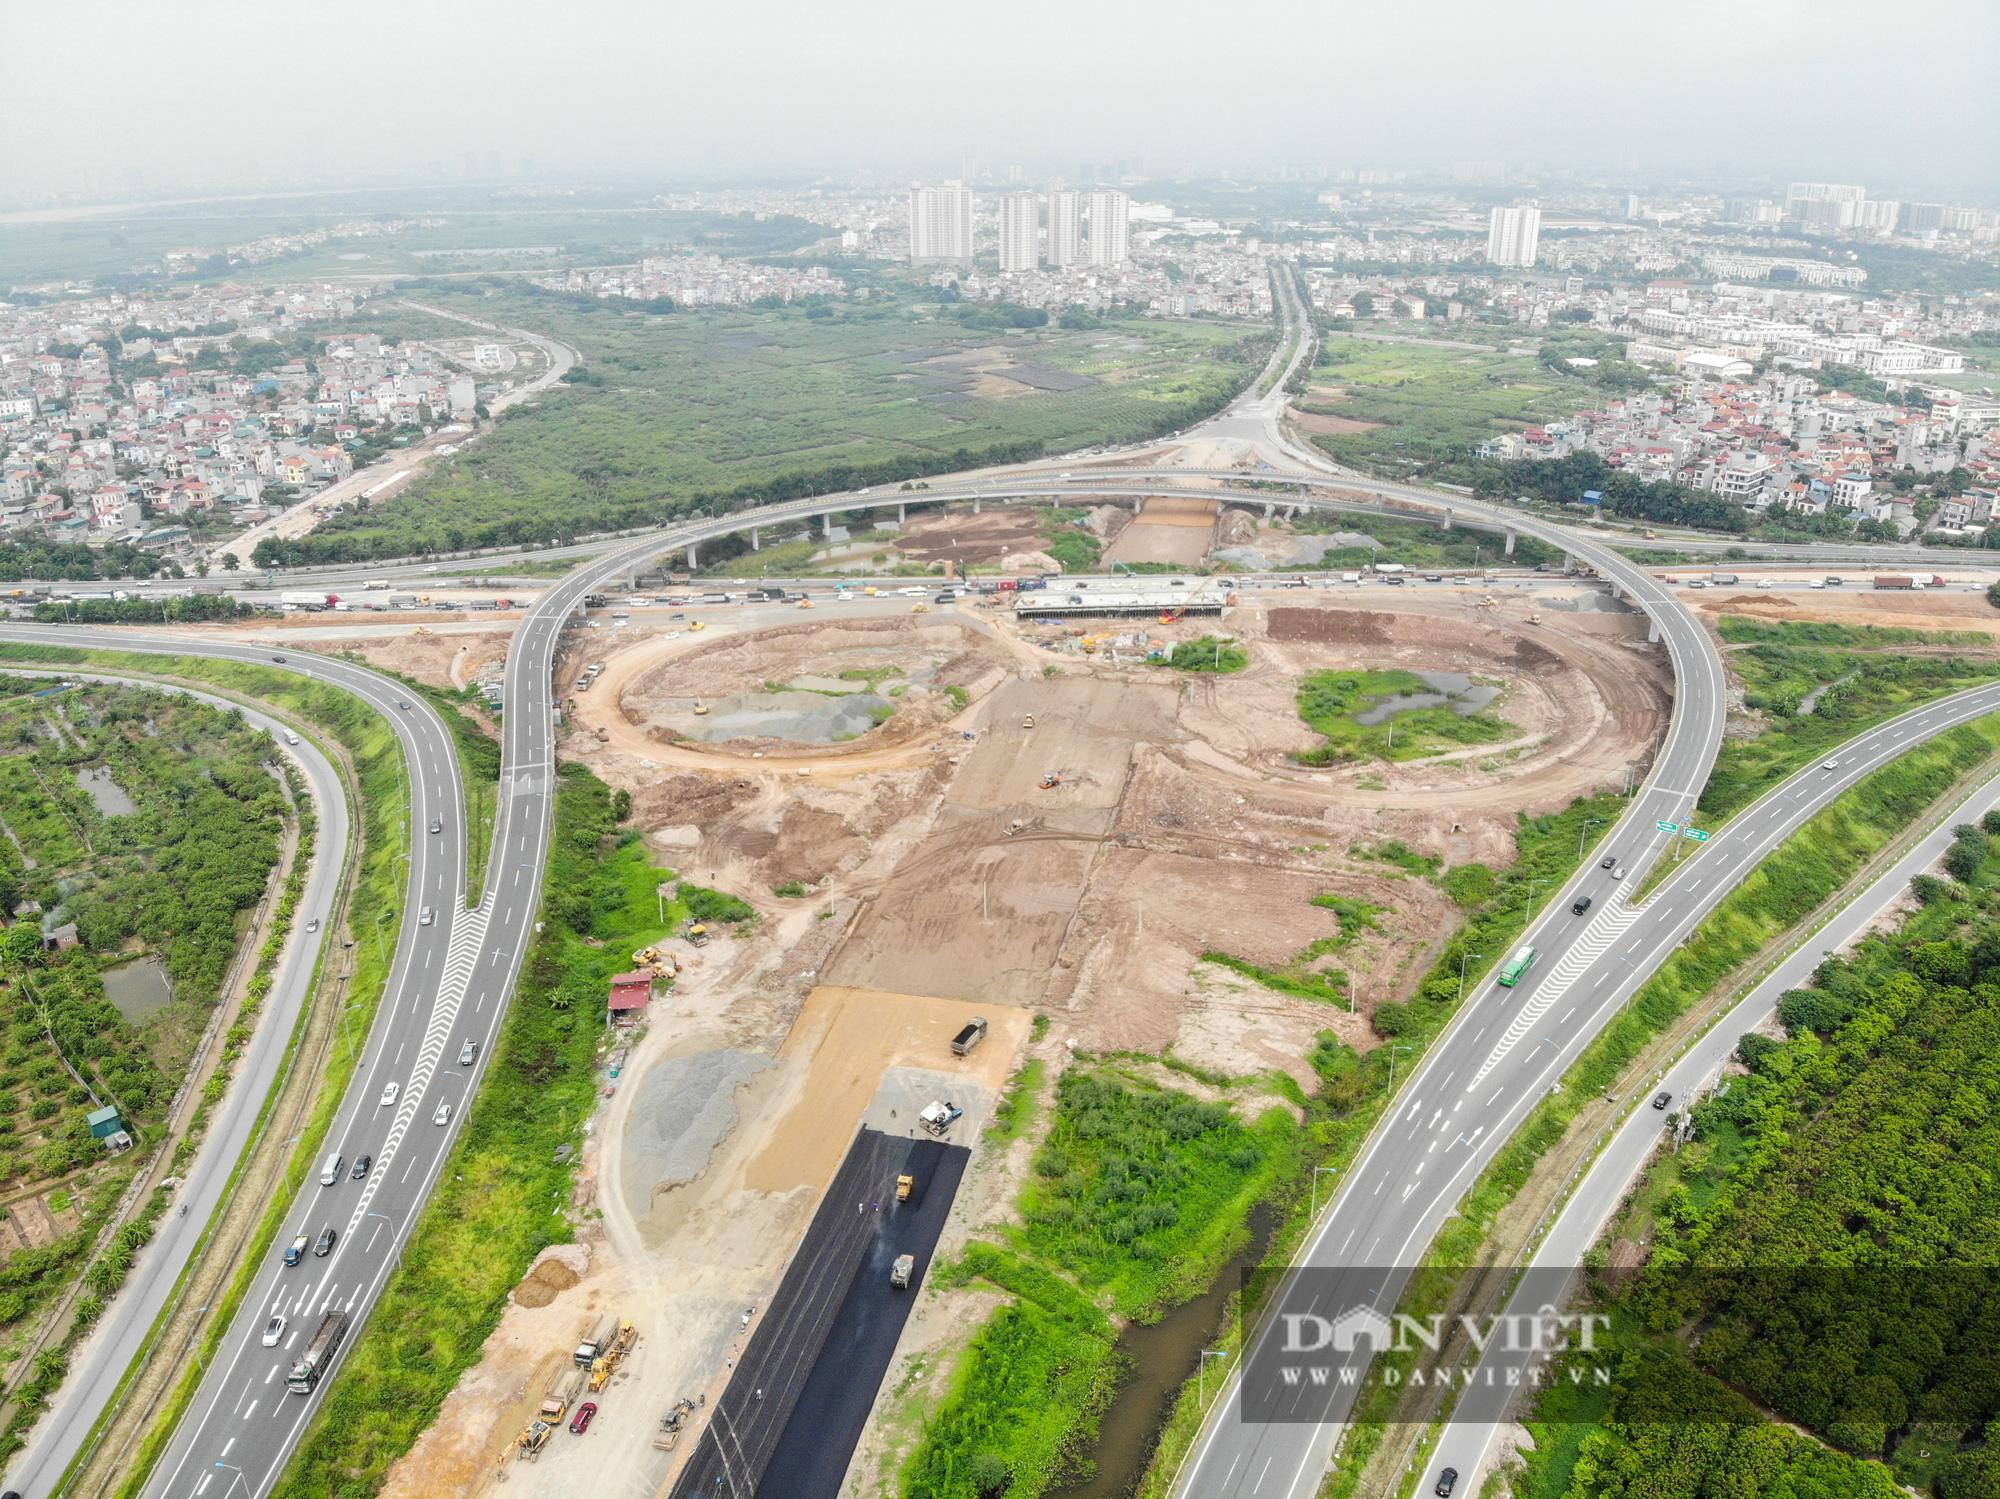 Công nhân tất bật xây dựng tuyến đường 400 tỷ kết nối Vành đai 3 với cao tốc Hà Nội - Hải Phòng - Ảnh 1.